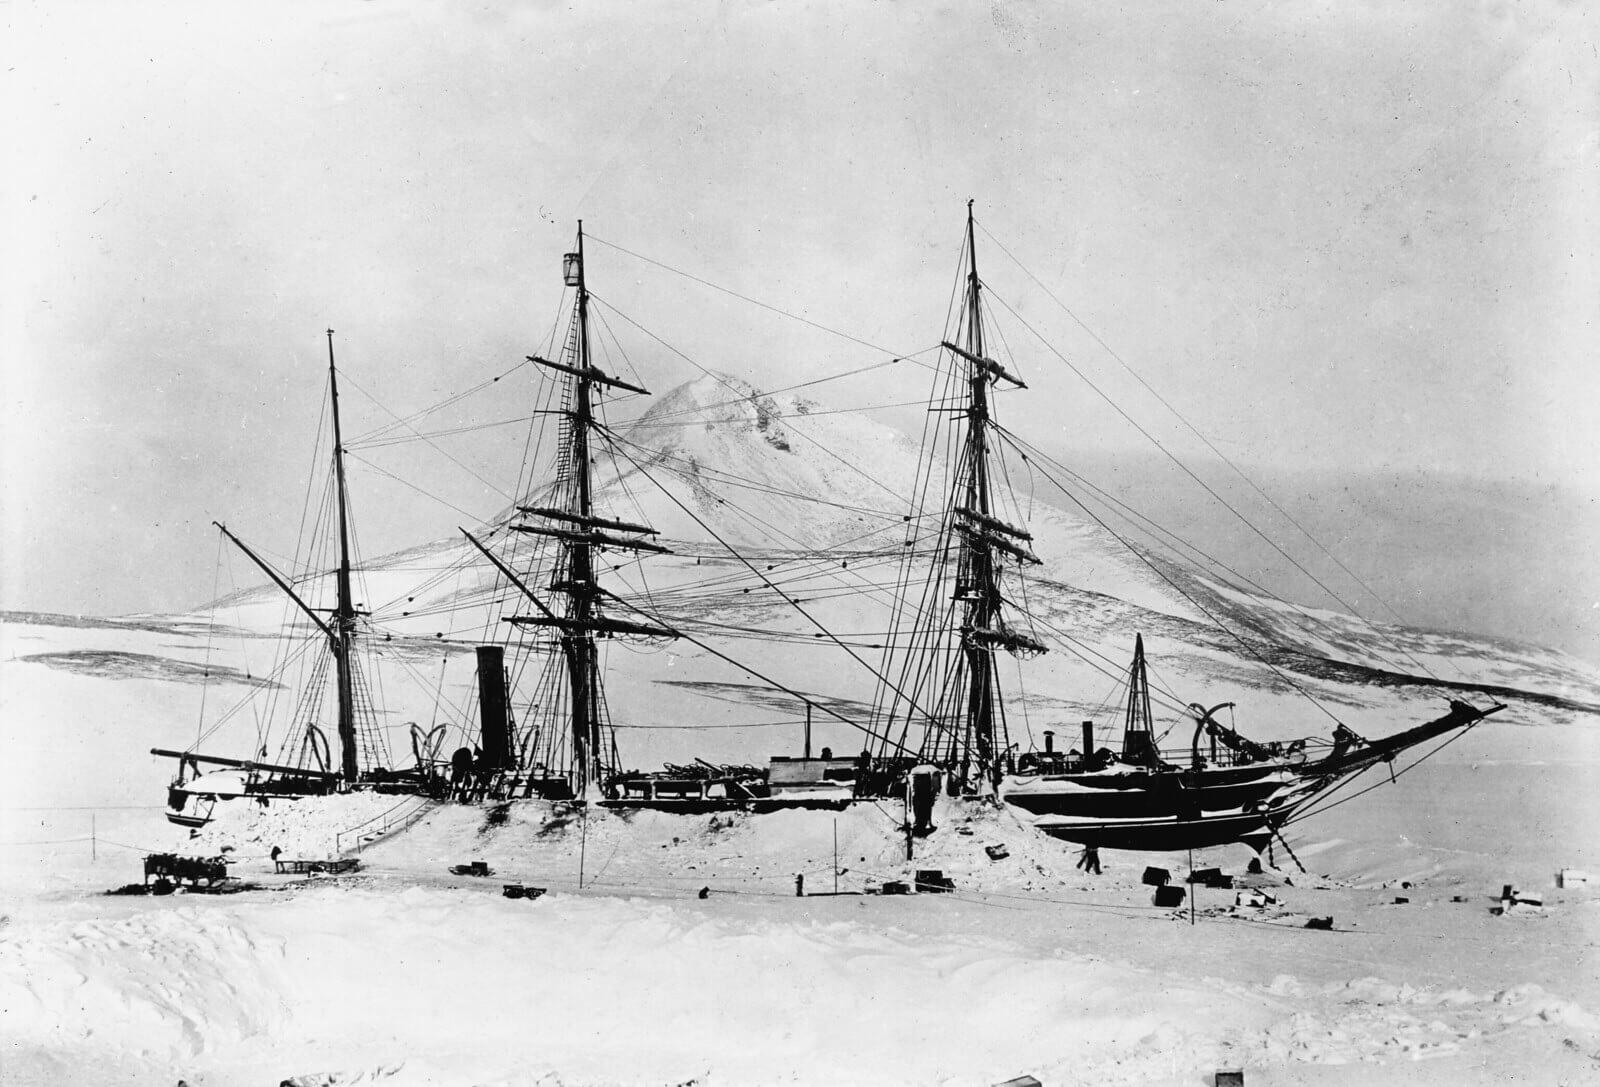 La nave della spedizione antartica Discovery, 1901-1904